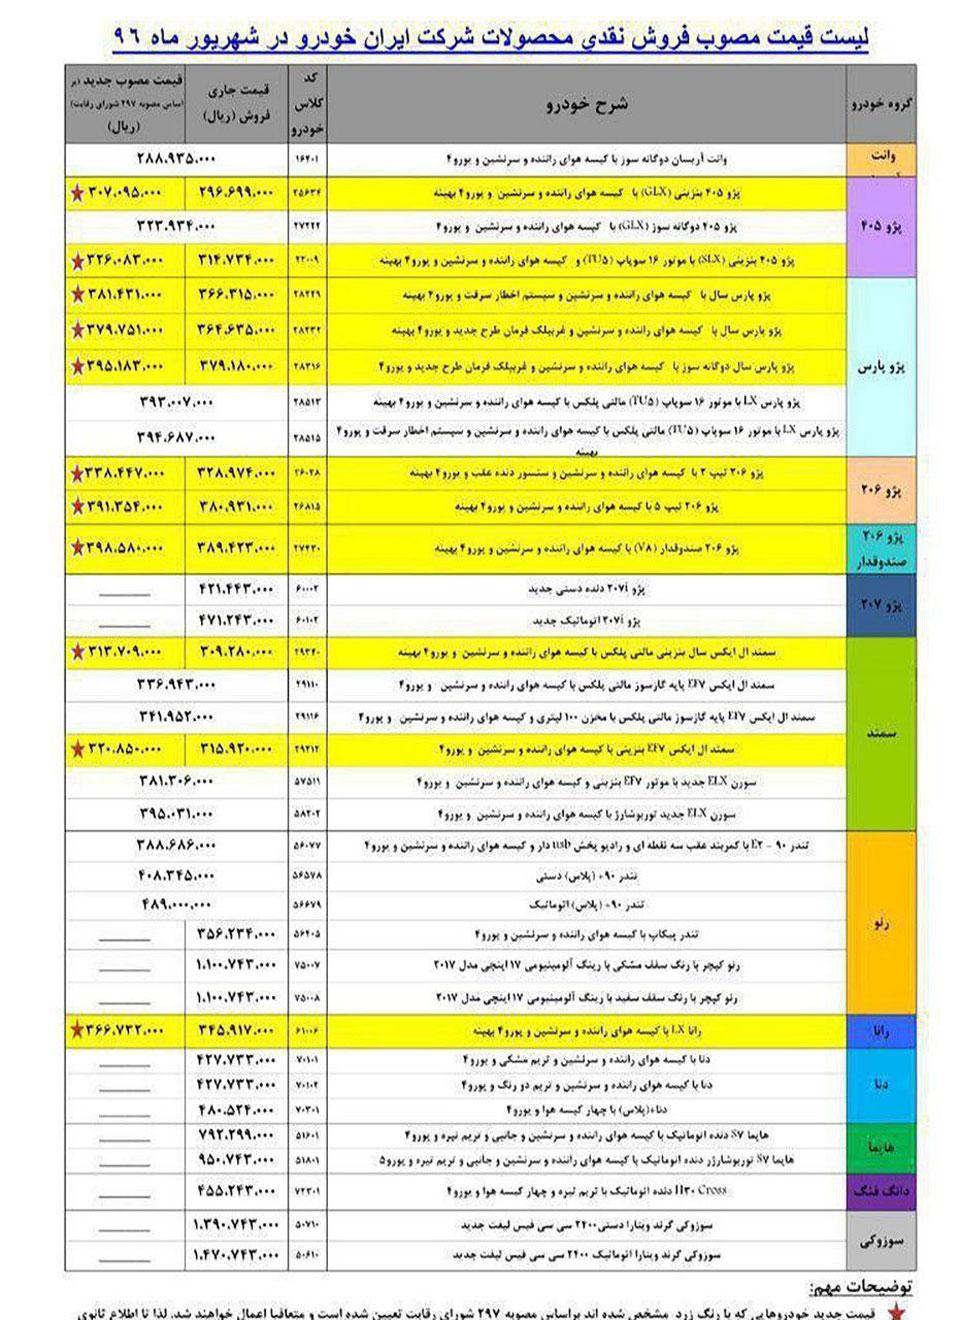 ایران خودرو قیمت 22 محصول خود را گران کرد/رشد یک میلیون تومانی برخی محصولات